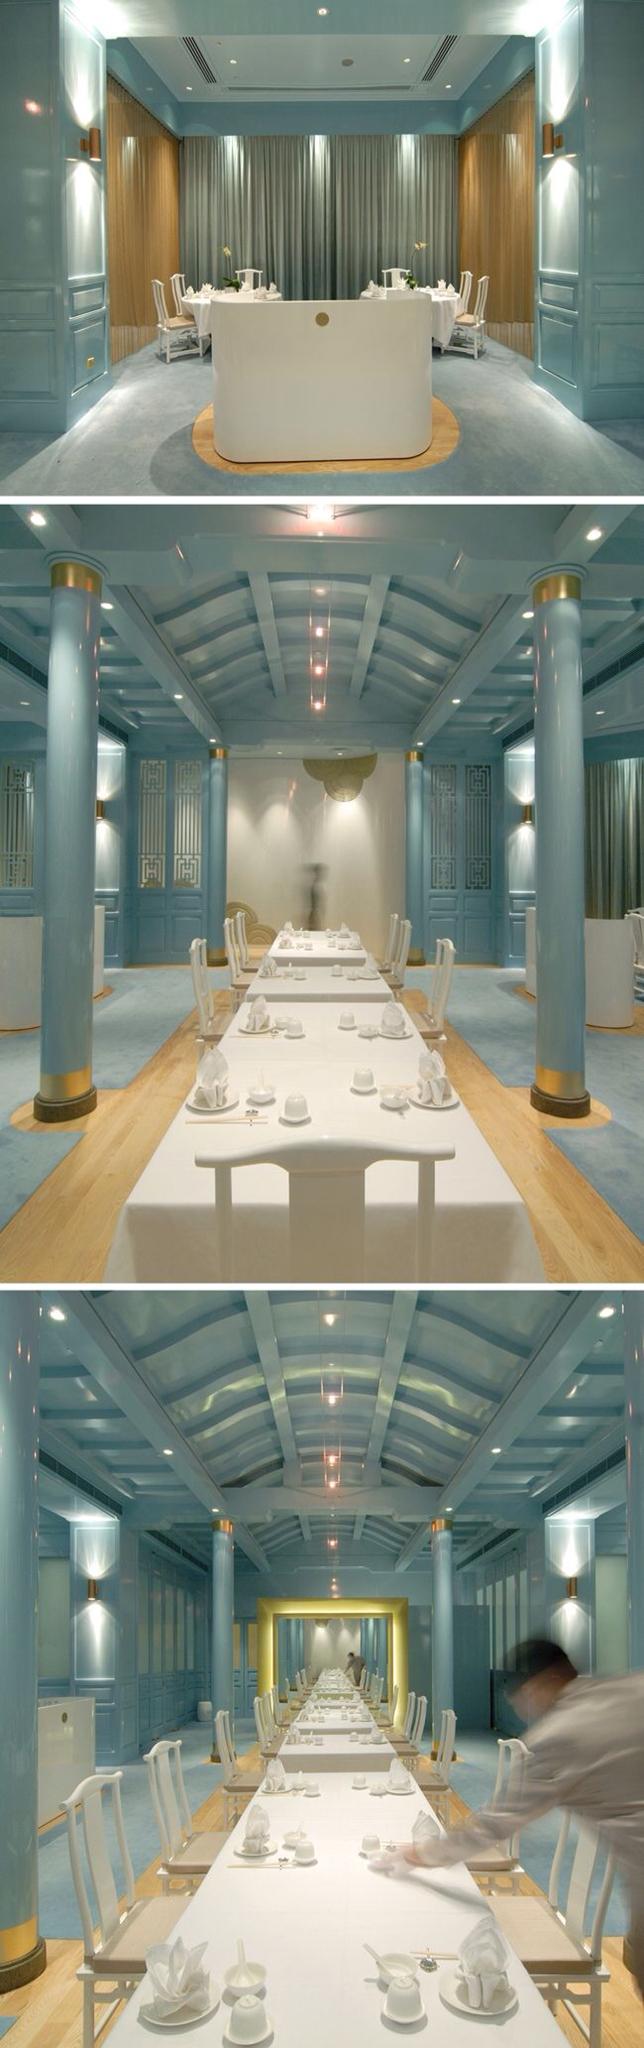 中国皇家餐厅|新加坡莱佛士酒店|新加坡酒店|新加坡餐厅|蓝色室内设计|亚洲室内设计|蓝色餐厅|拉长墙|蓝色披肩